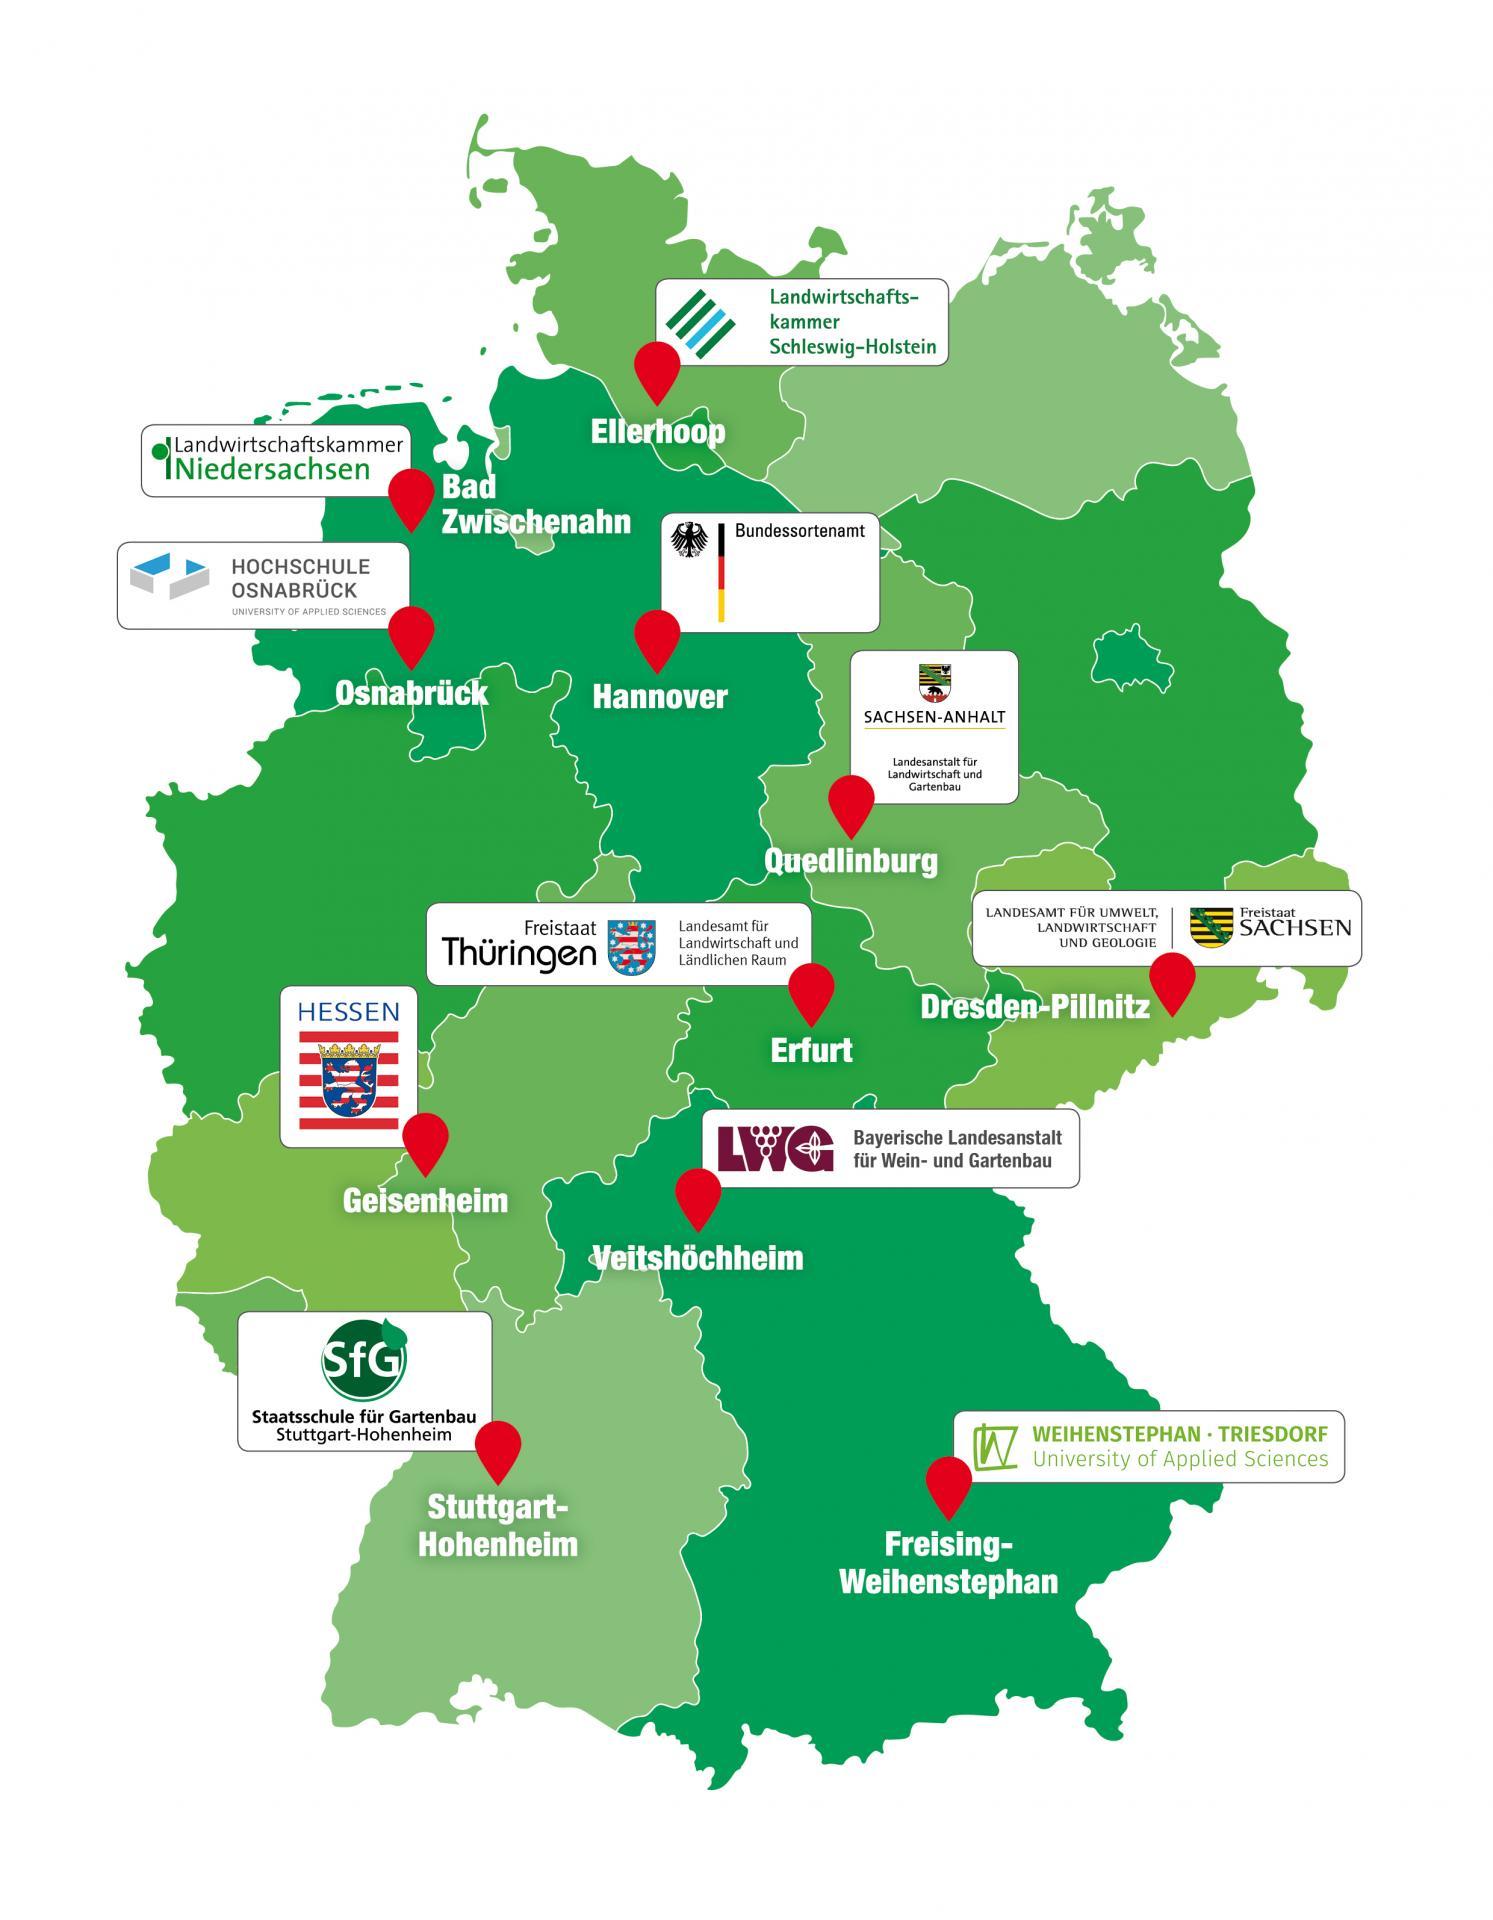 AK Bundesgehölzsichtung: In Deutschland engagieren sich elf Standorte in der Bundesgehölzsichtung